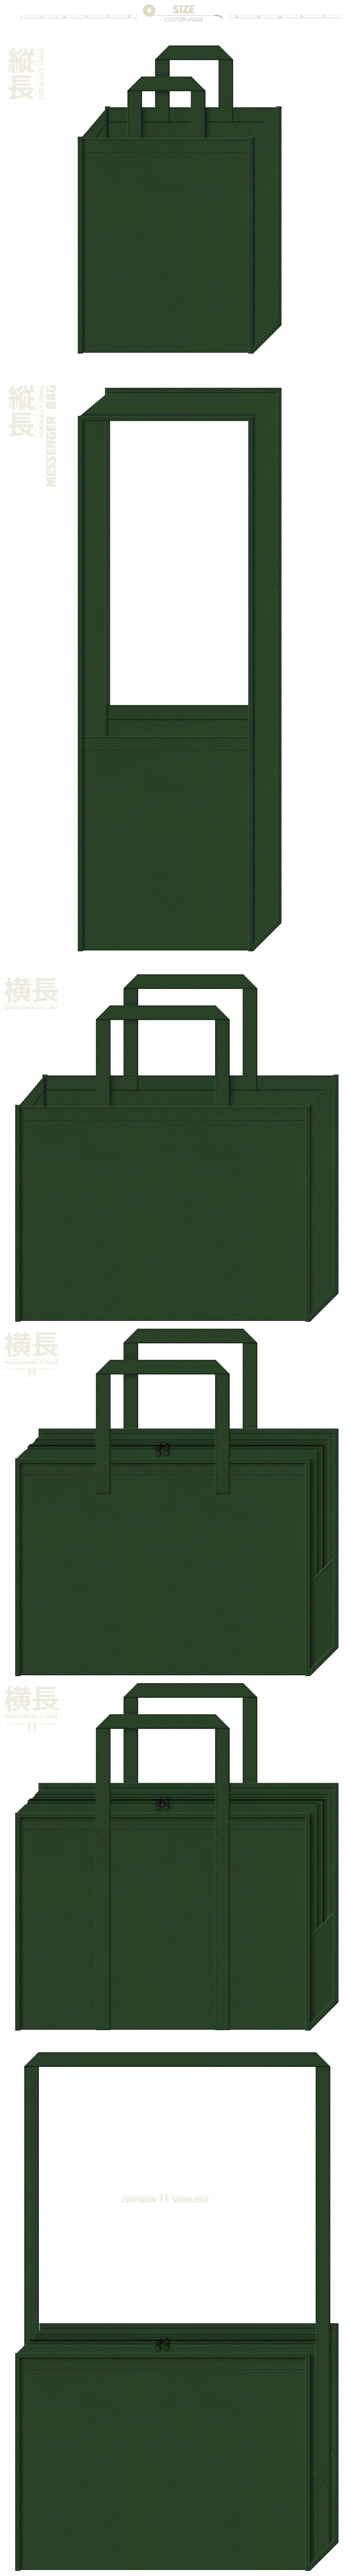 濃緑色の不織布バッグにお奨めのイメージ:森・芝生・ジャングル・園芸・きゅうり・かぼちゃ・お茶・青汁・ミドリムシ・ほうれん草・松・和装・黒板